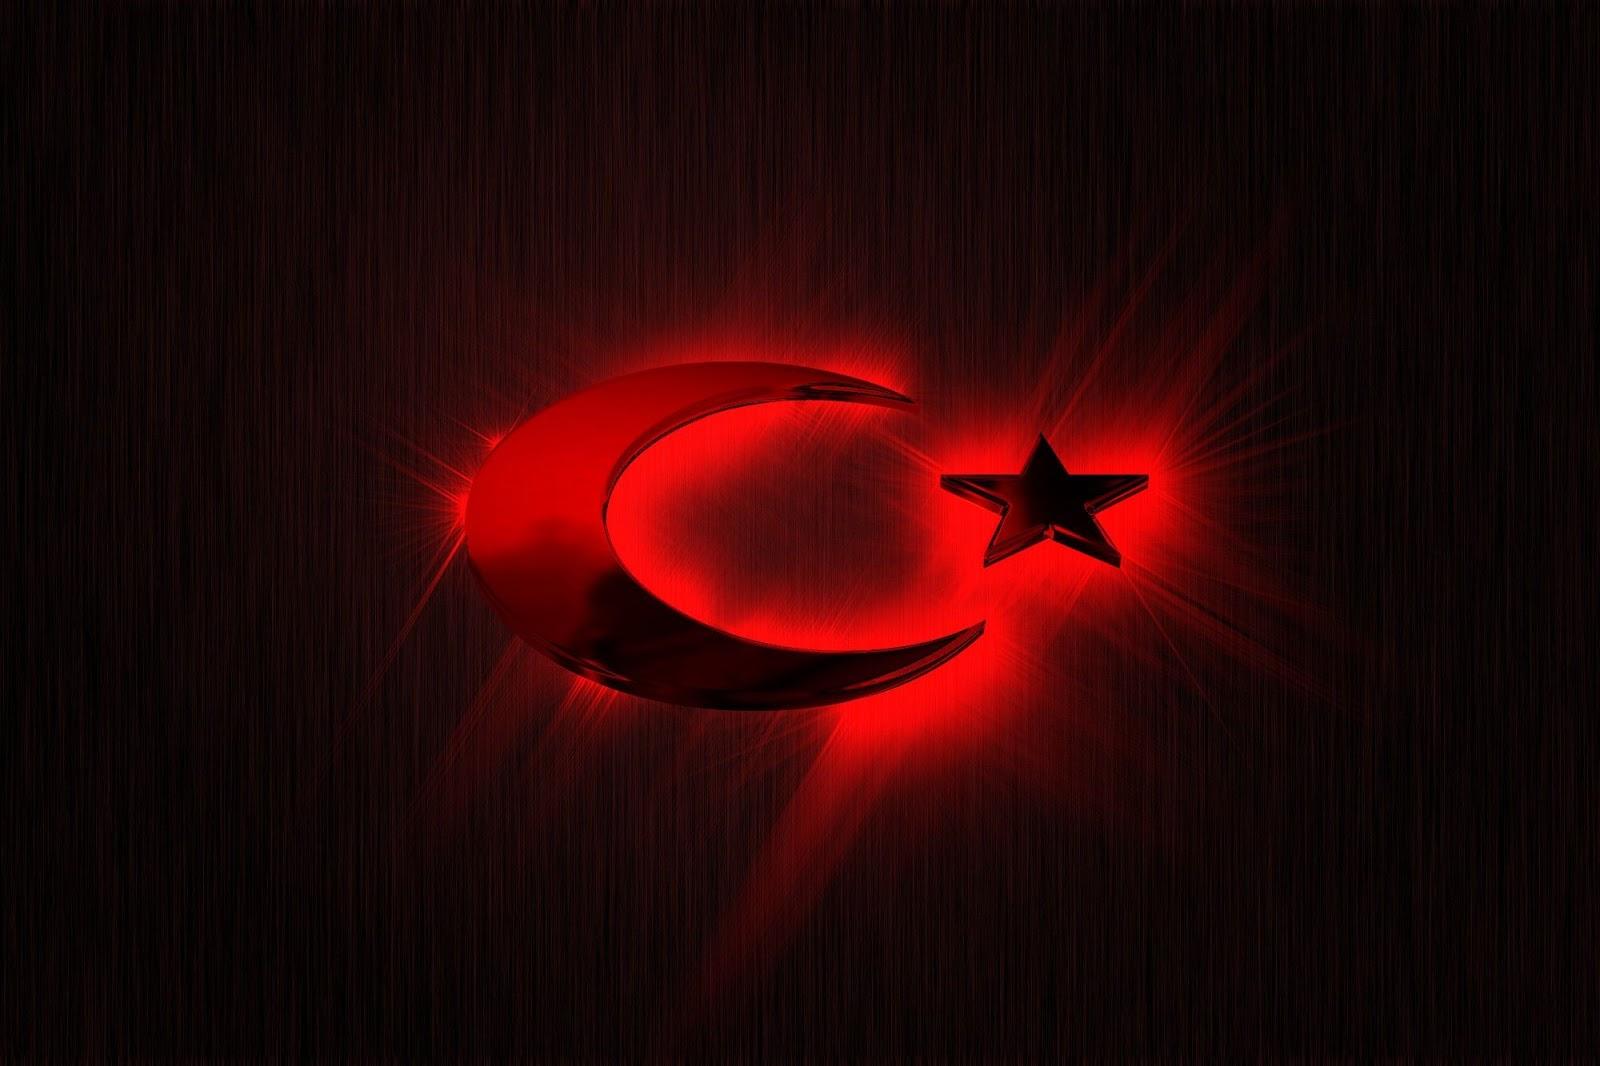 Erzincan Bayrak İmalatı ve Bayrak Üretimi